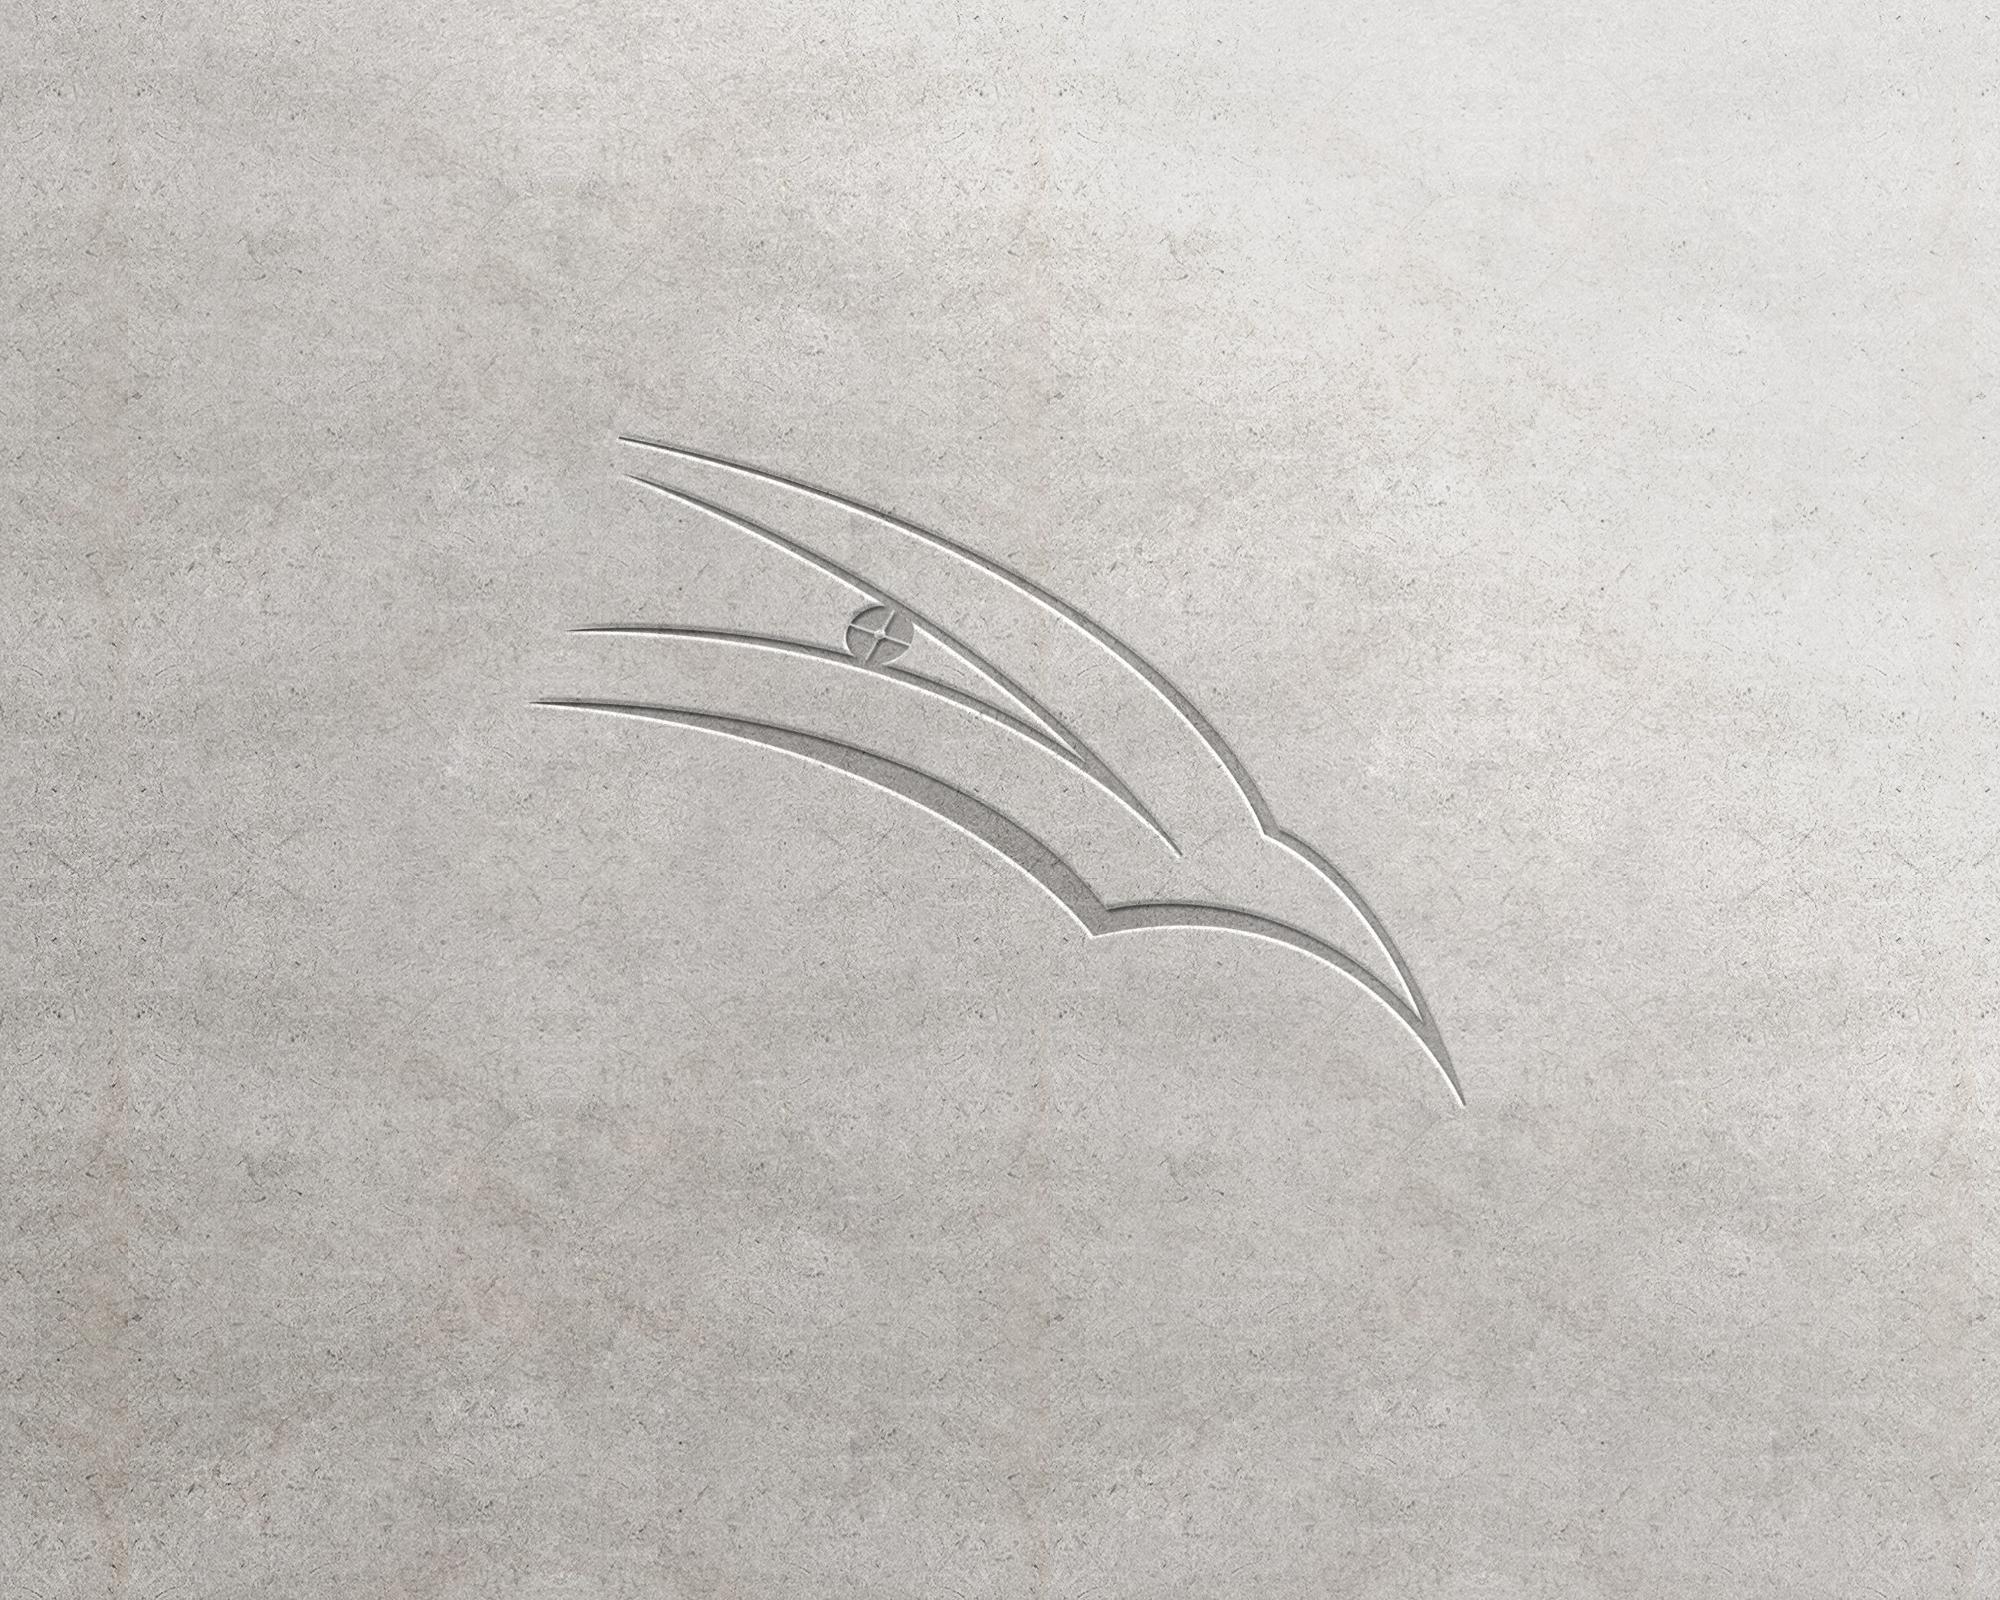 鹰眼logo